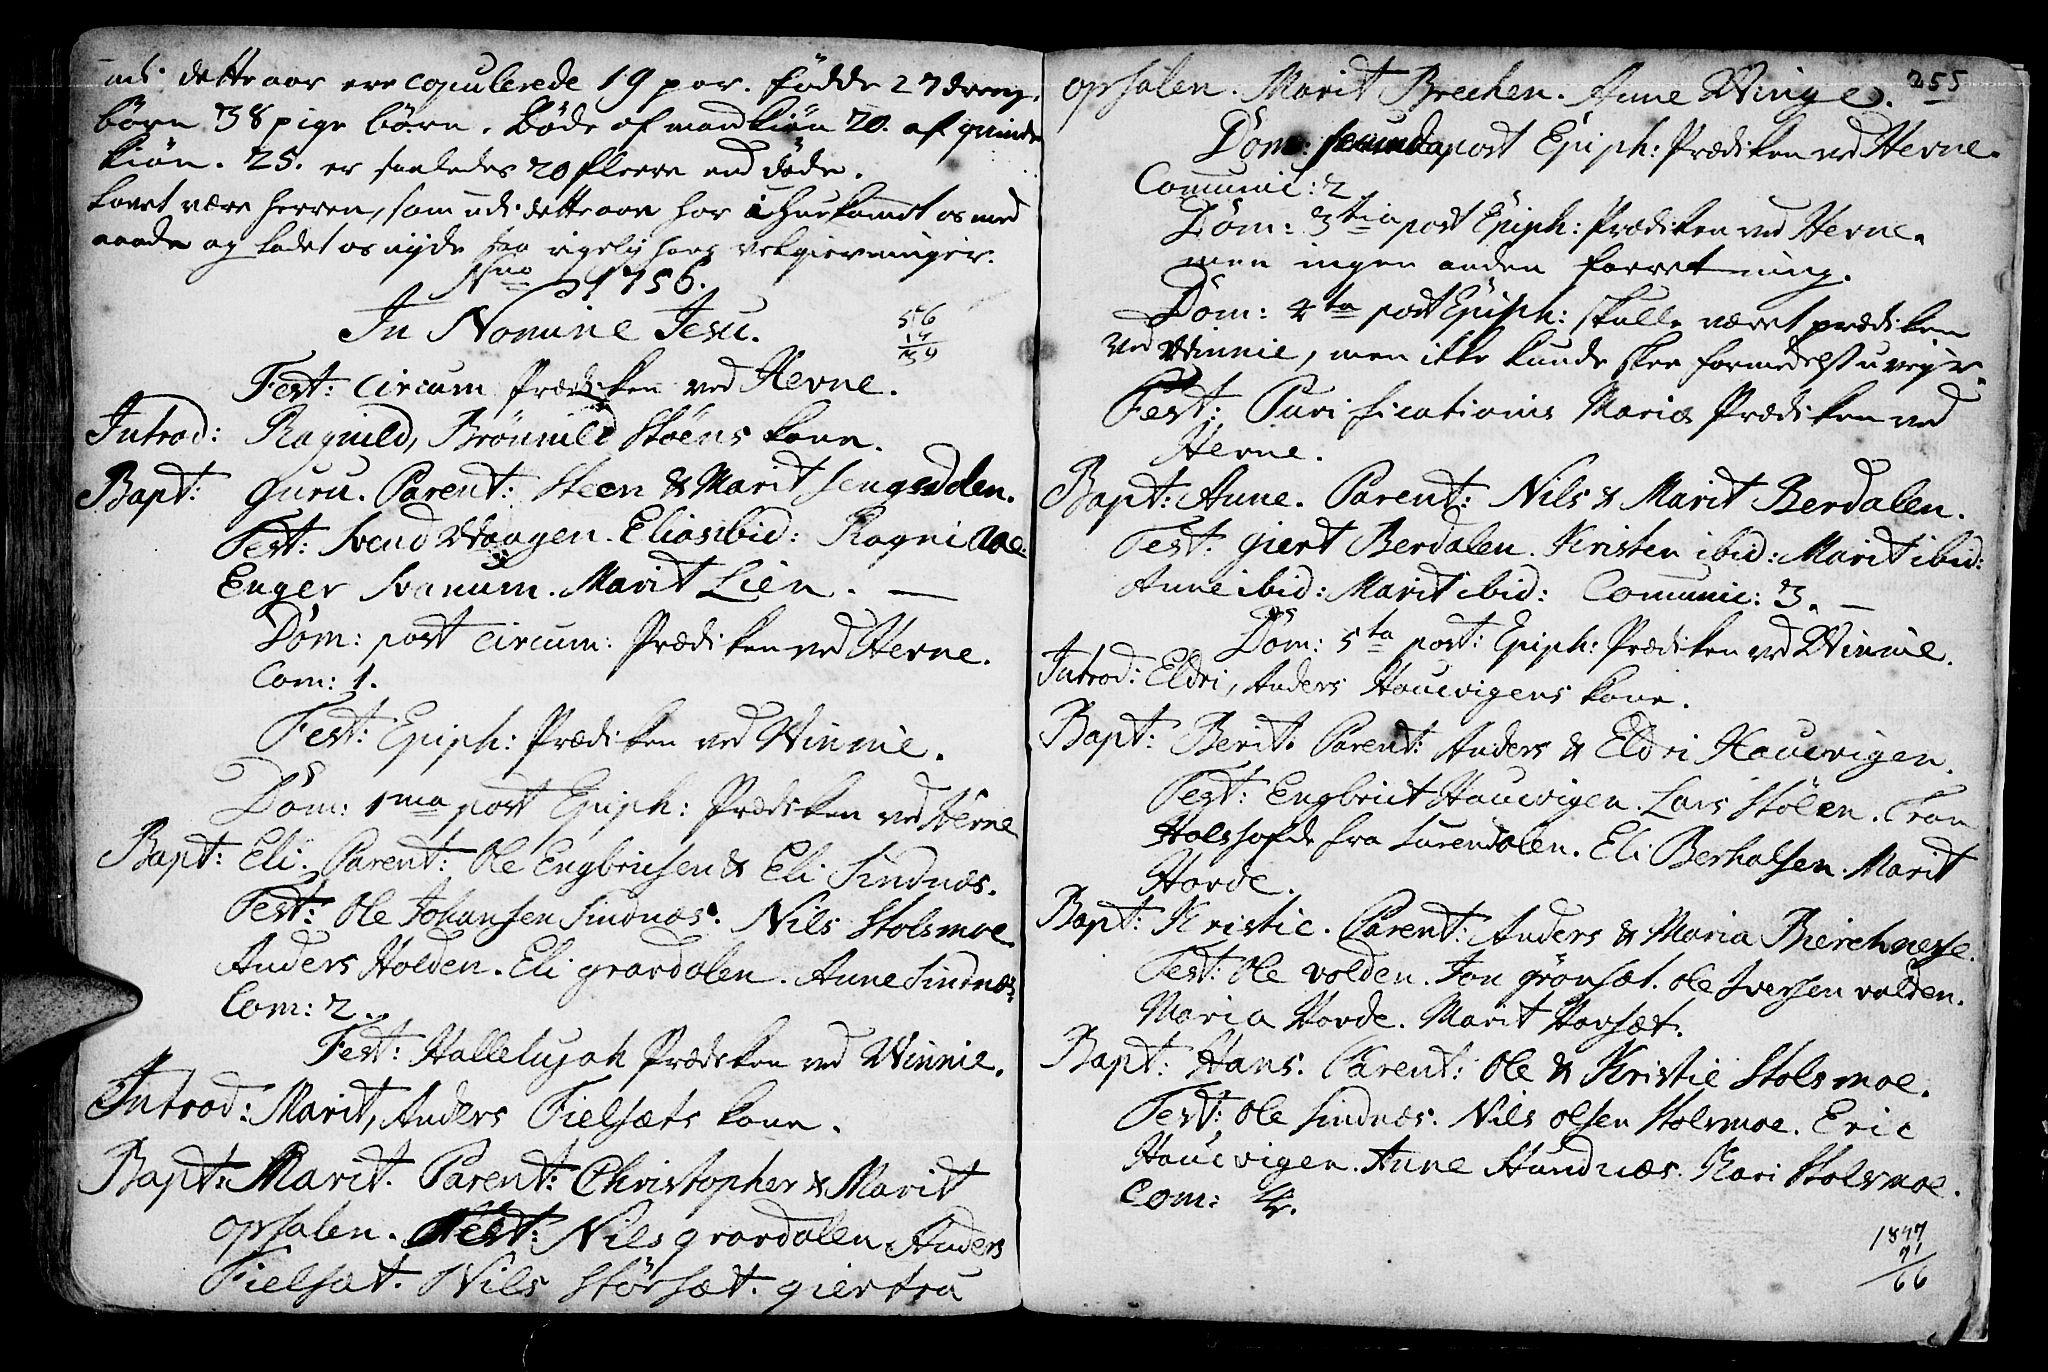 SAT, Ministerialprotokoller, klokkerbøker og fødselsregistre - Sør-Trøndelag, 630/L0488: Ministerialbok nr. 630A01, 1717-1756, s. 254-255